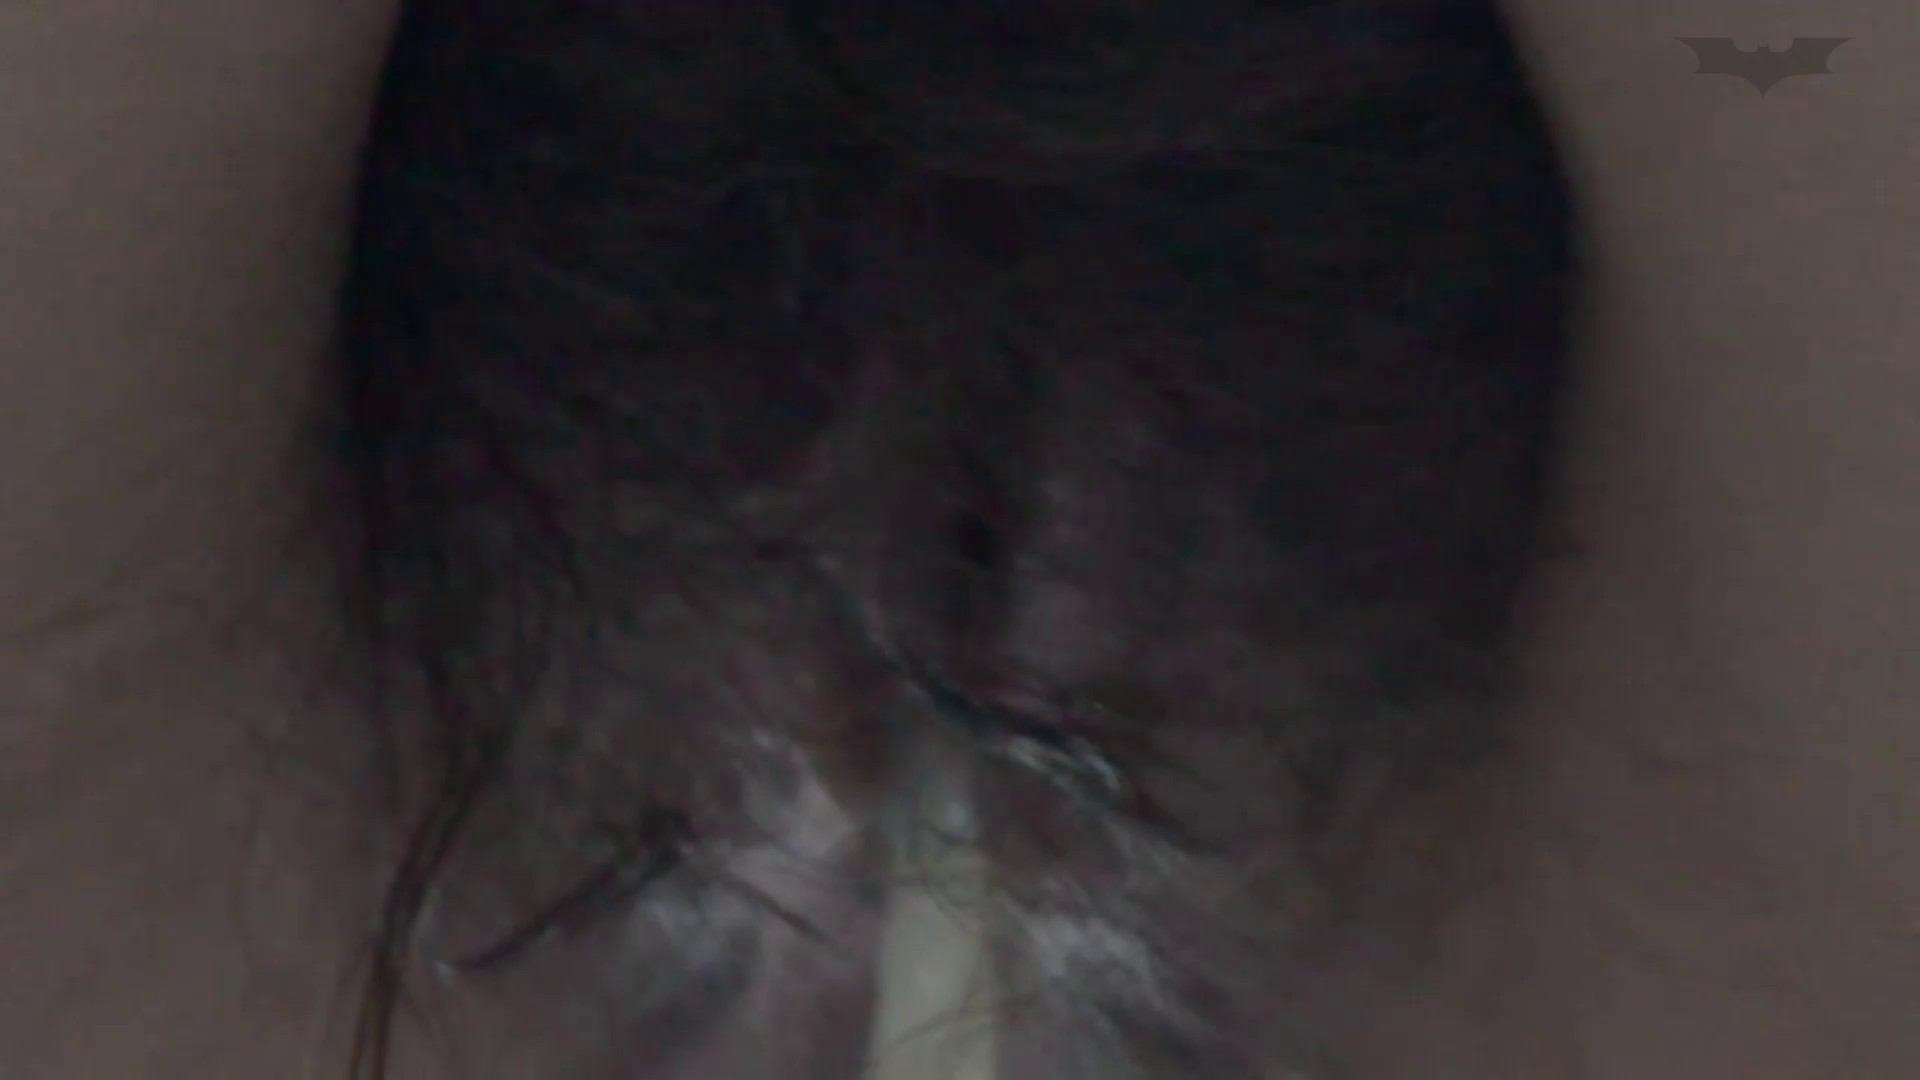 JD盗撮 美女の洗面所の秘密 Vol.47 盗撮 | 美女のボディ  82PIX 36